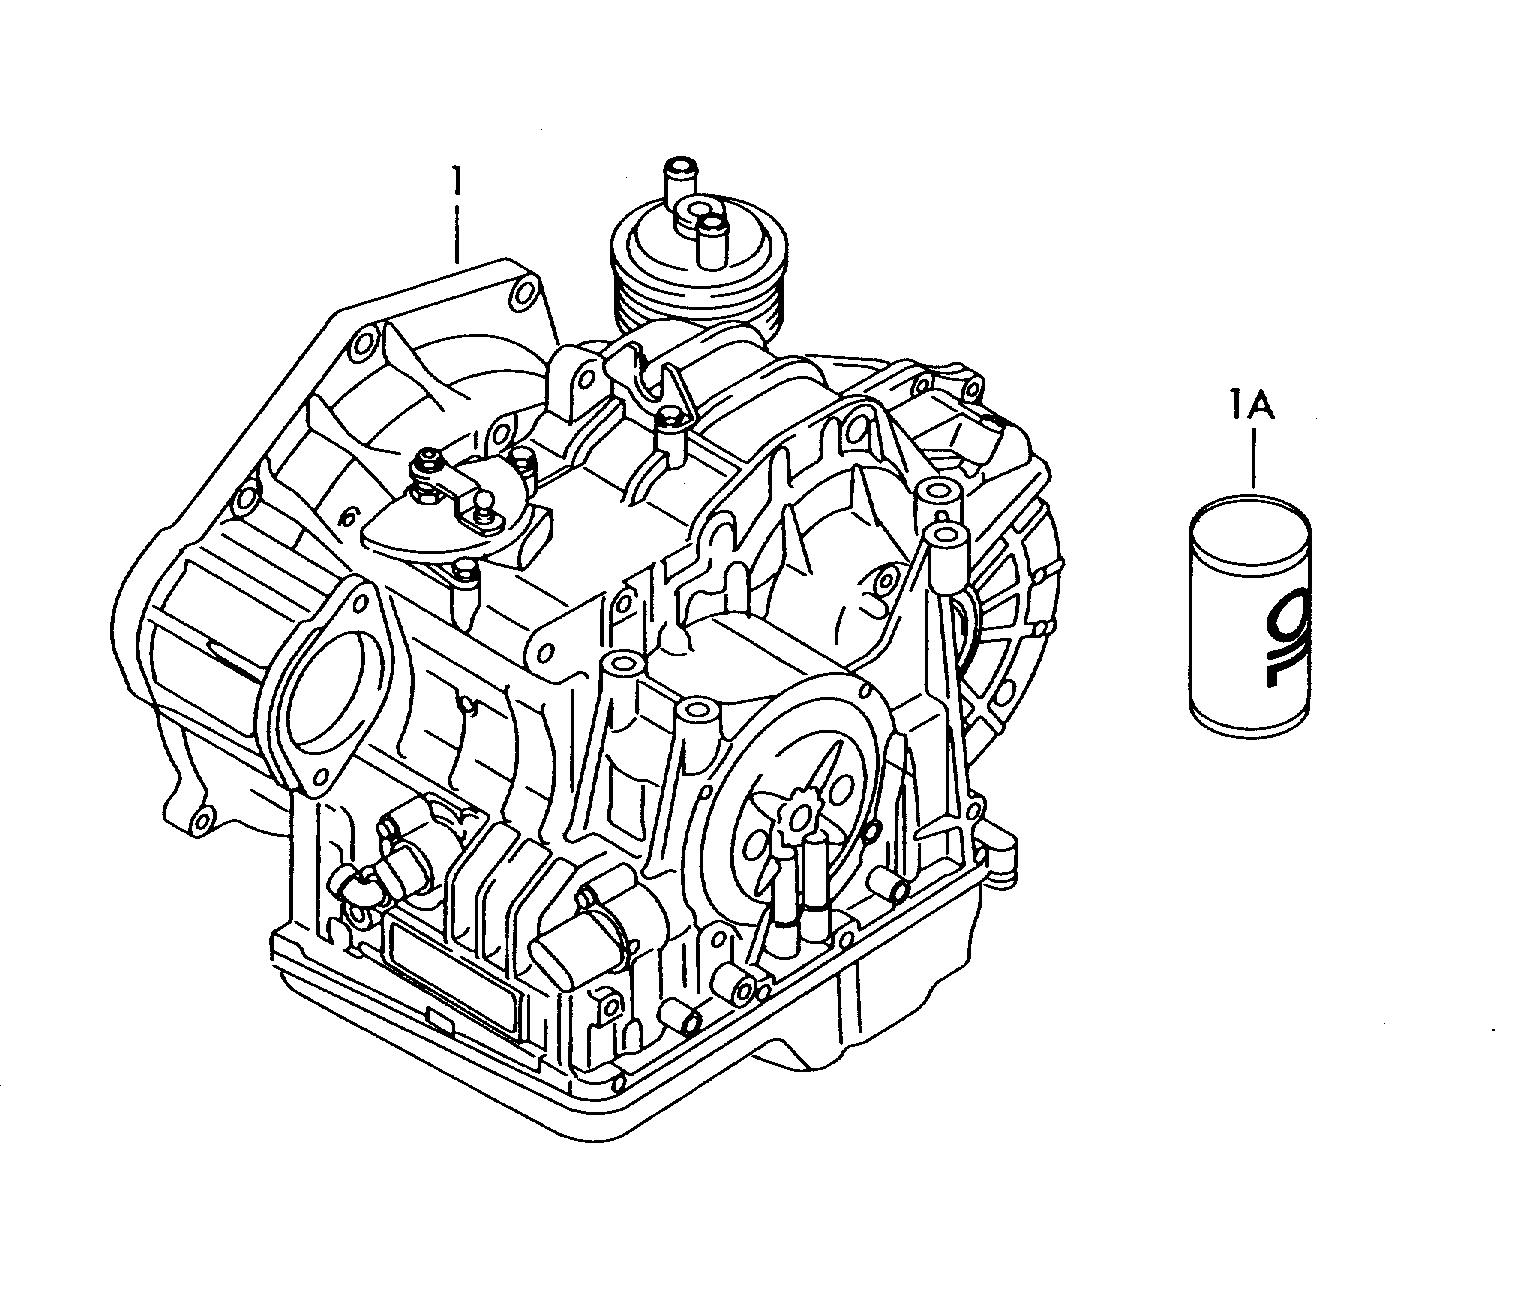 Volkswagen Jetta (2015 - 2017) - 6-speed automatic gearbox